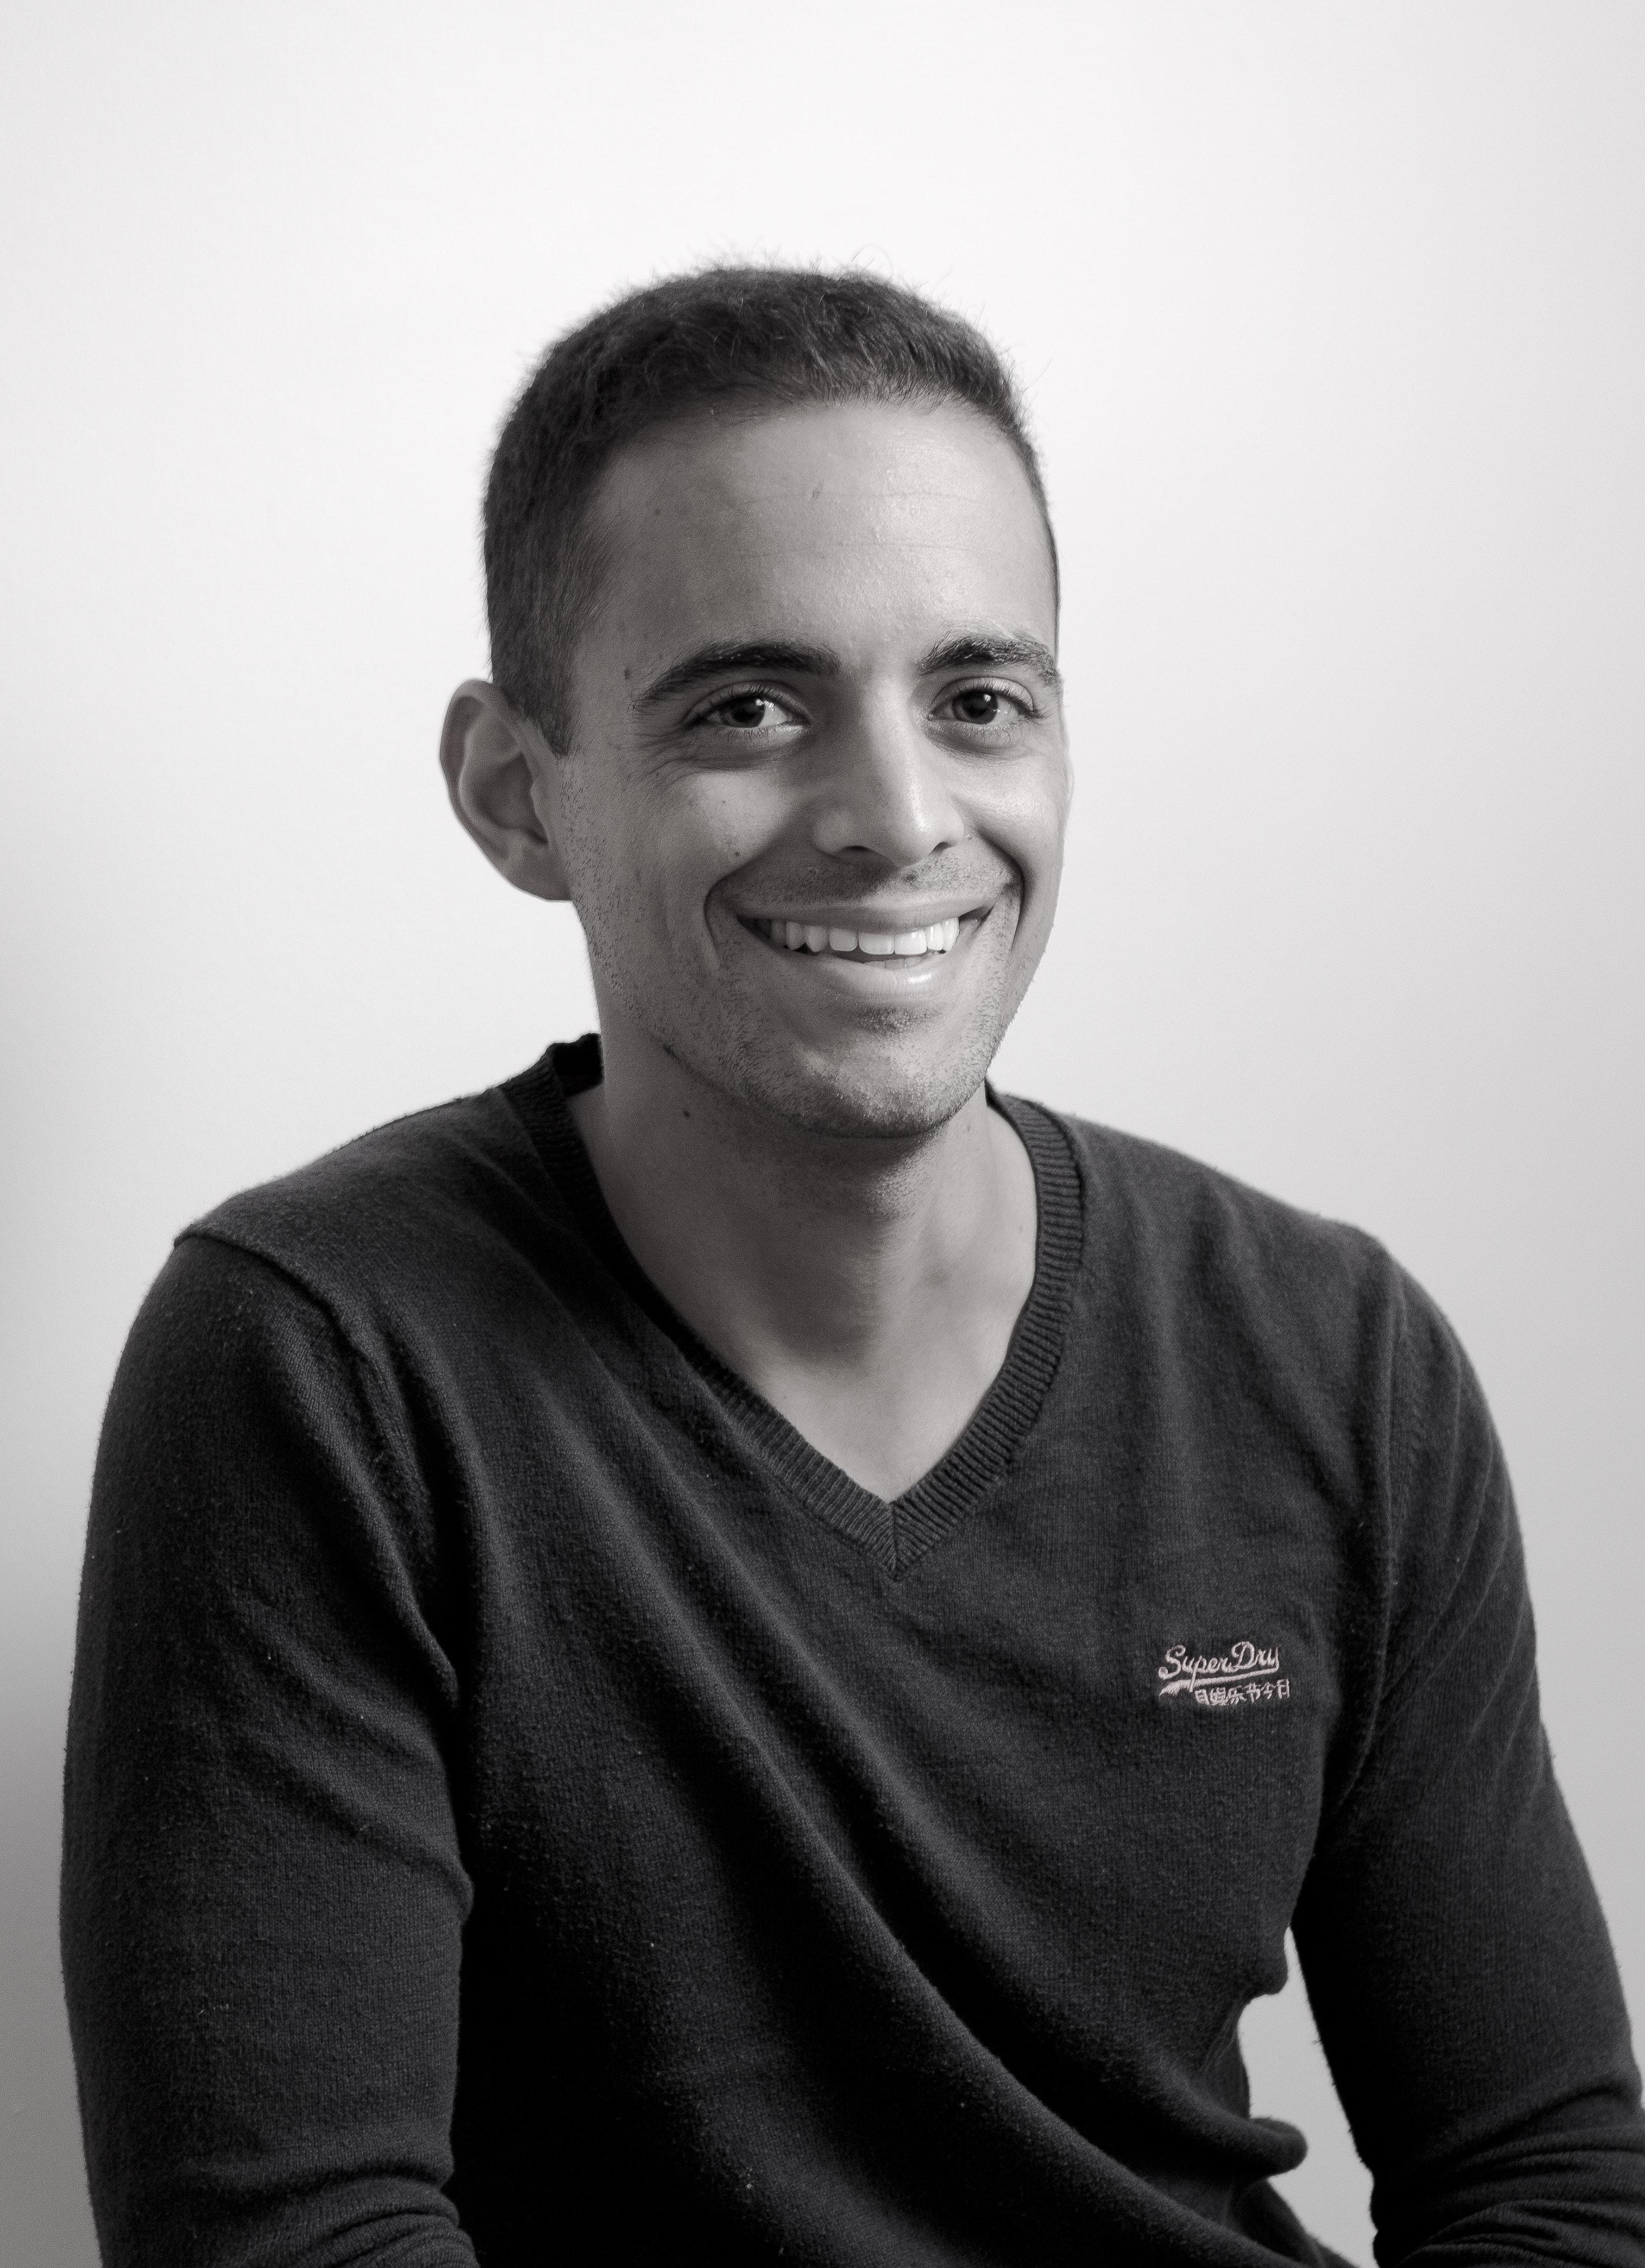 Anthony Payet